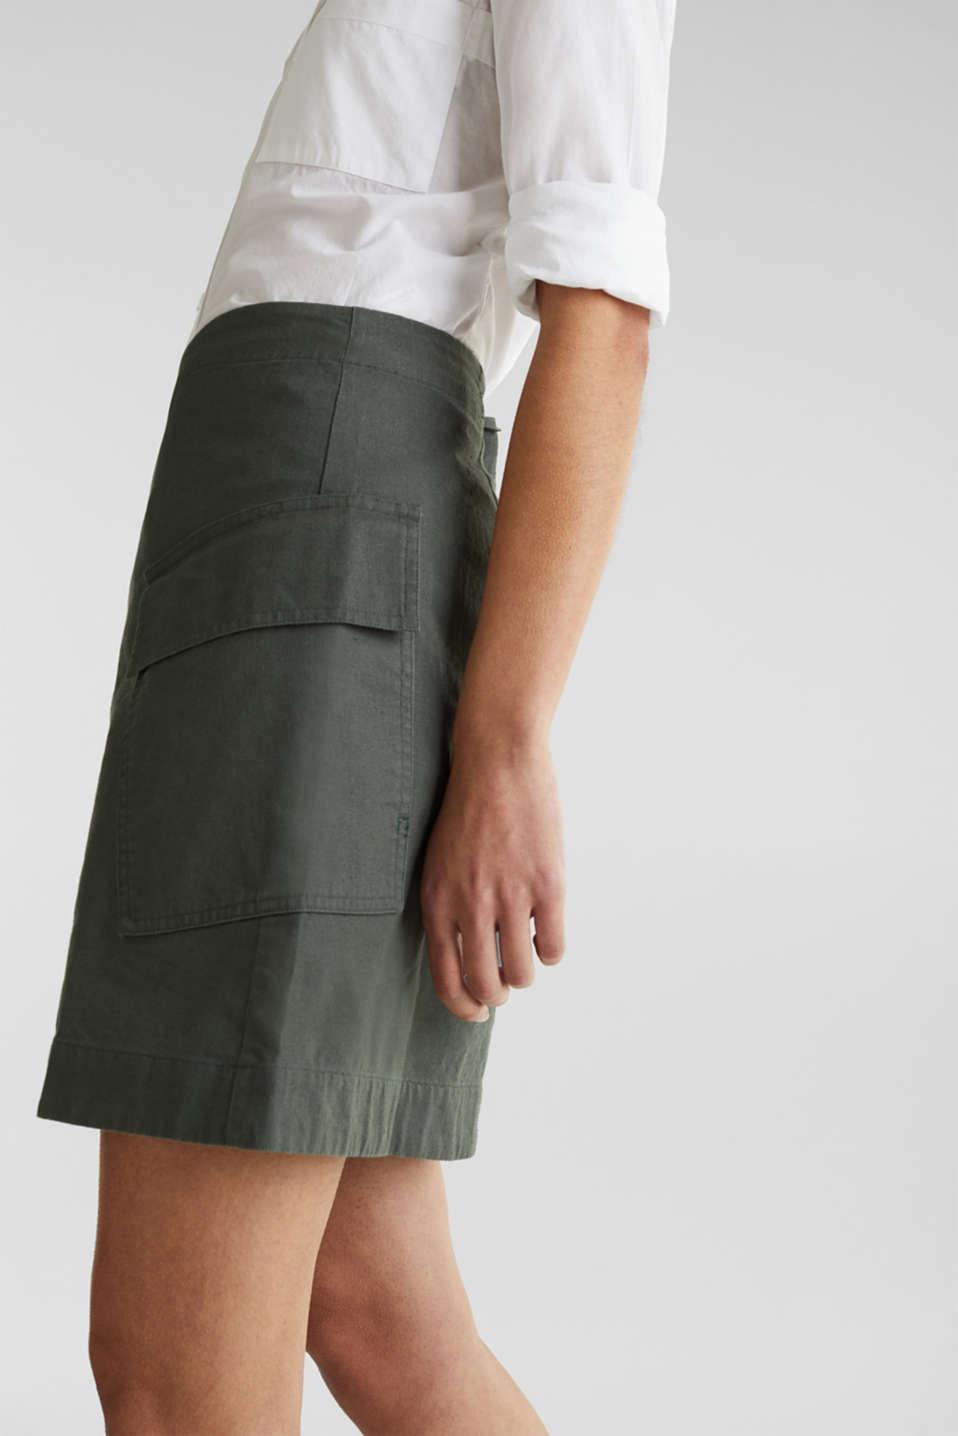 Cargo-style skirt in blended linen, KHAKI GREEN, detail image number 5